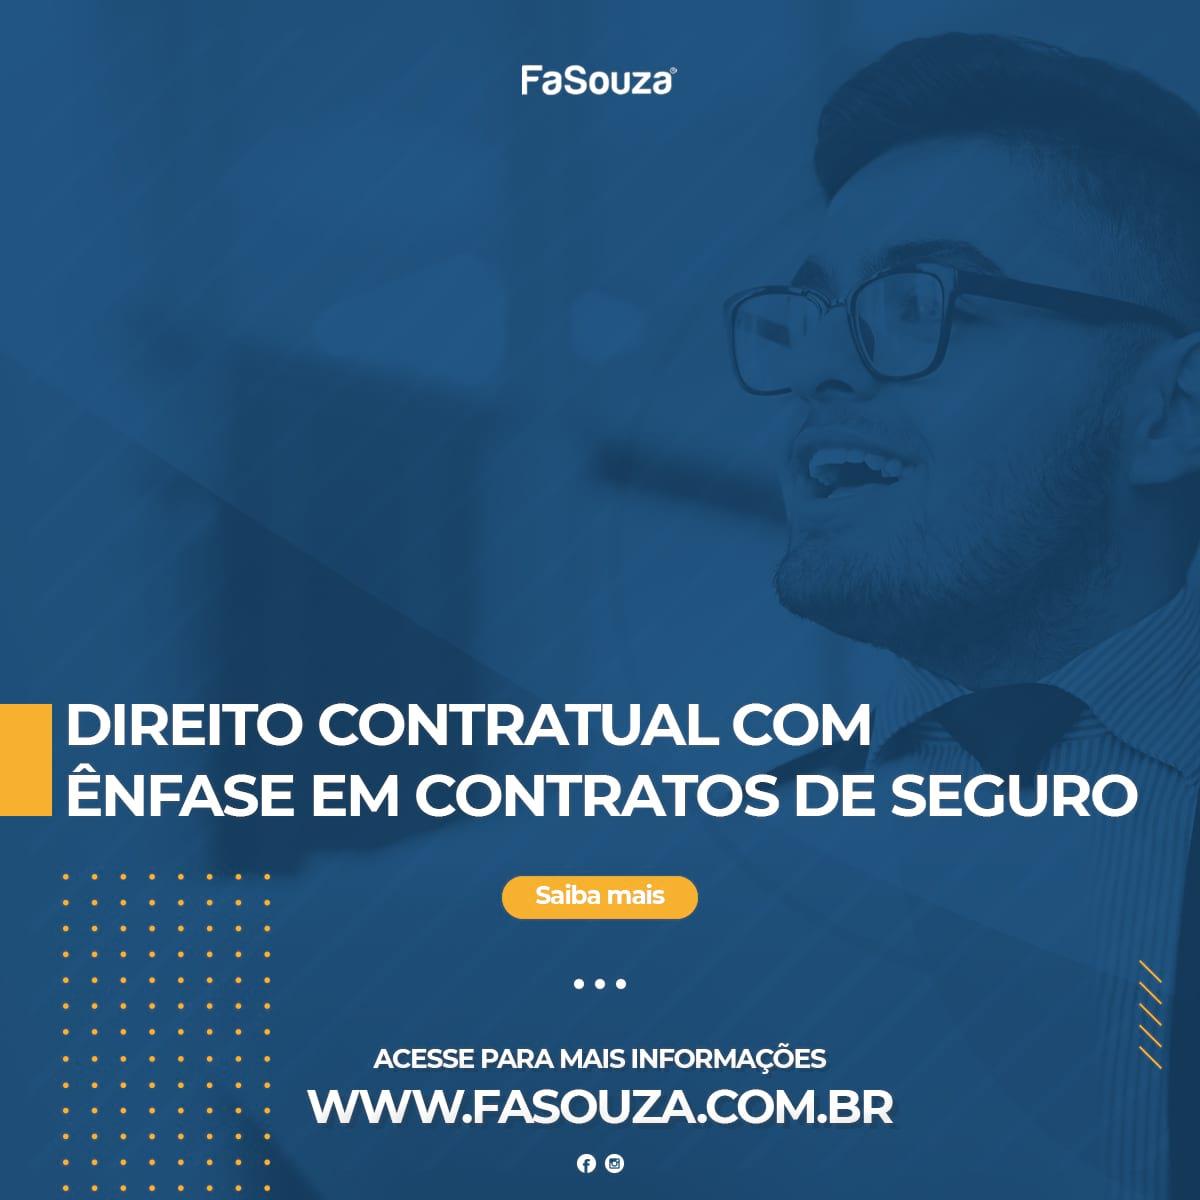 Faculdade Souza - Direito Contratual com Ênfase em Contratos de Seguros